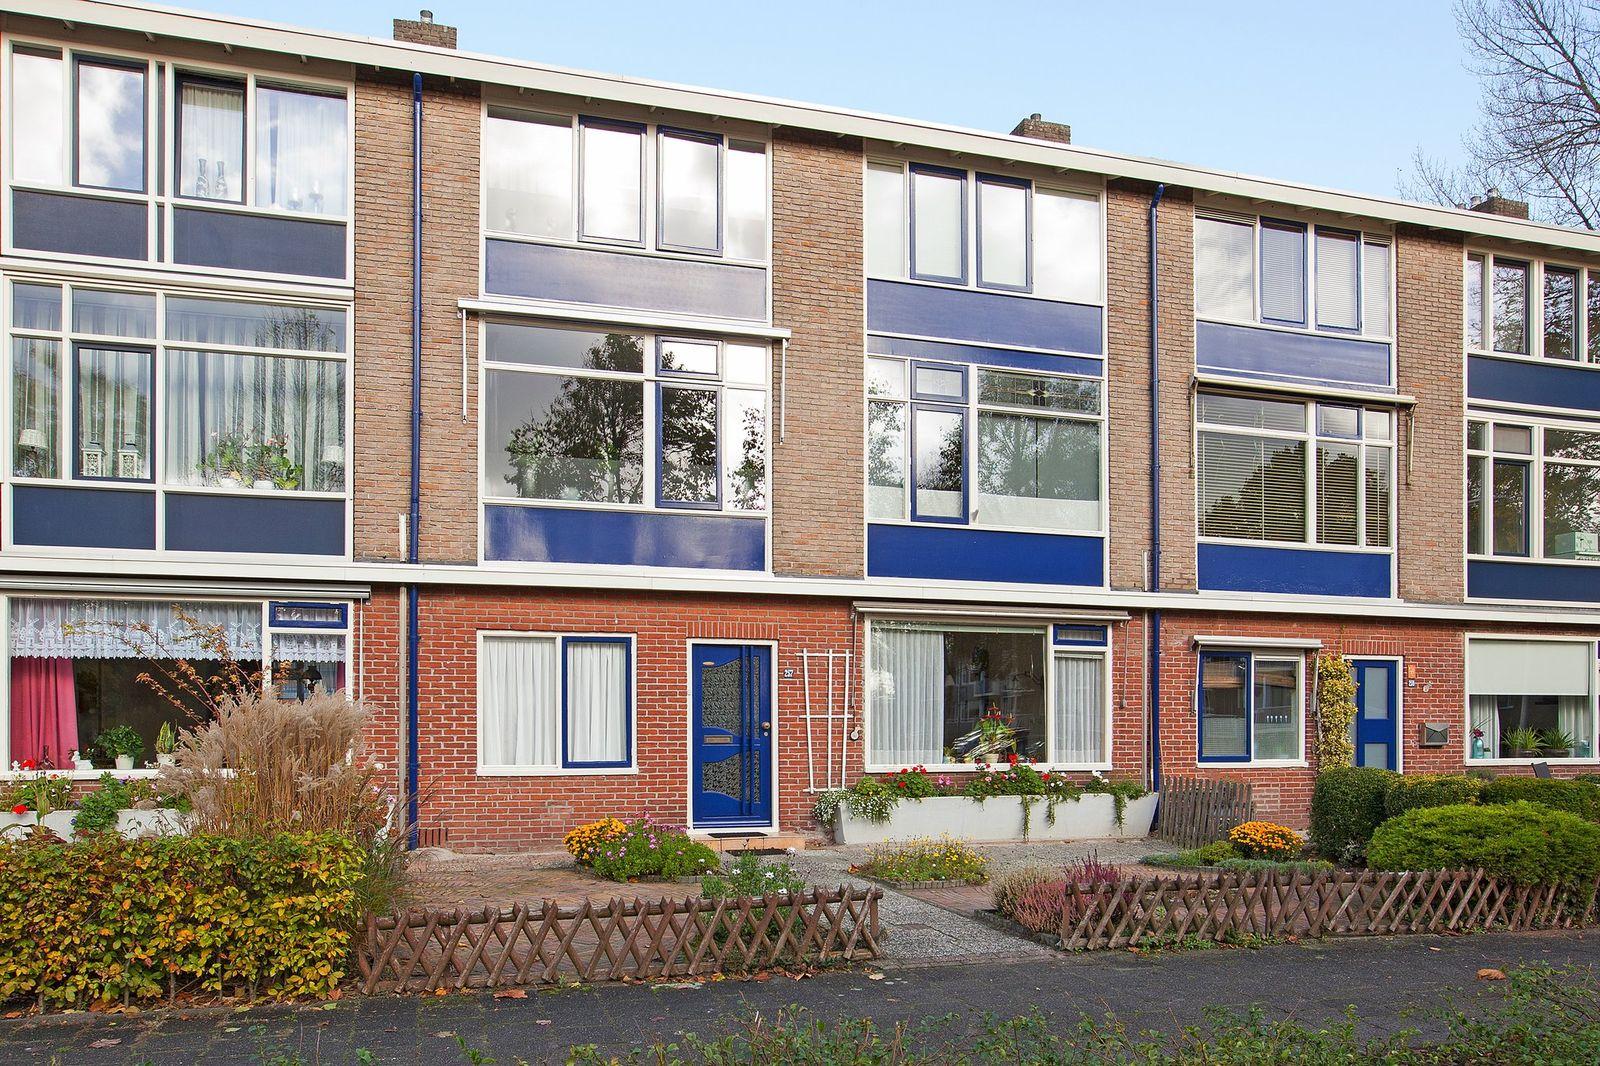 Tamboerlaan 257, Hoogeveen